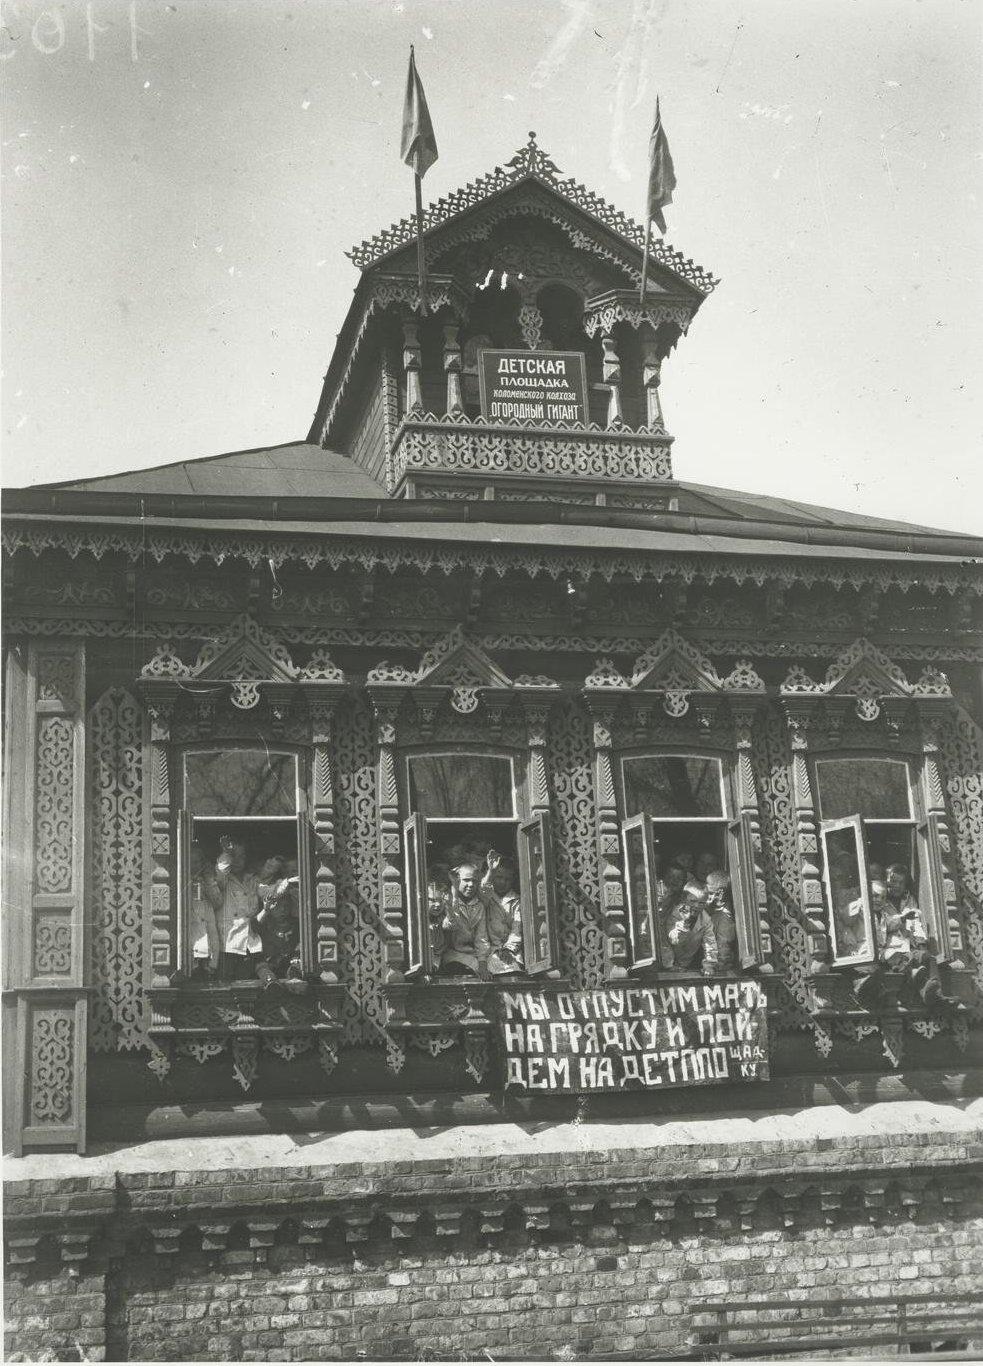 1927. Детская площадка Коломенского колхоза «Огородный гигант»